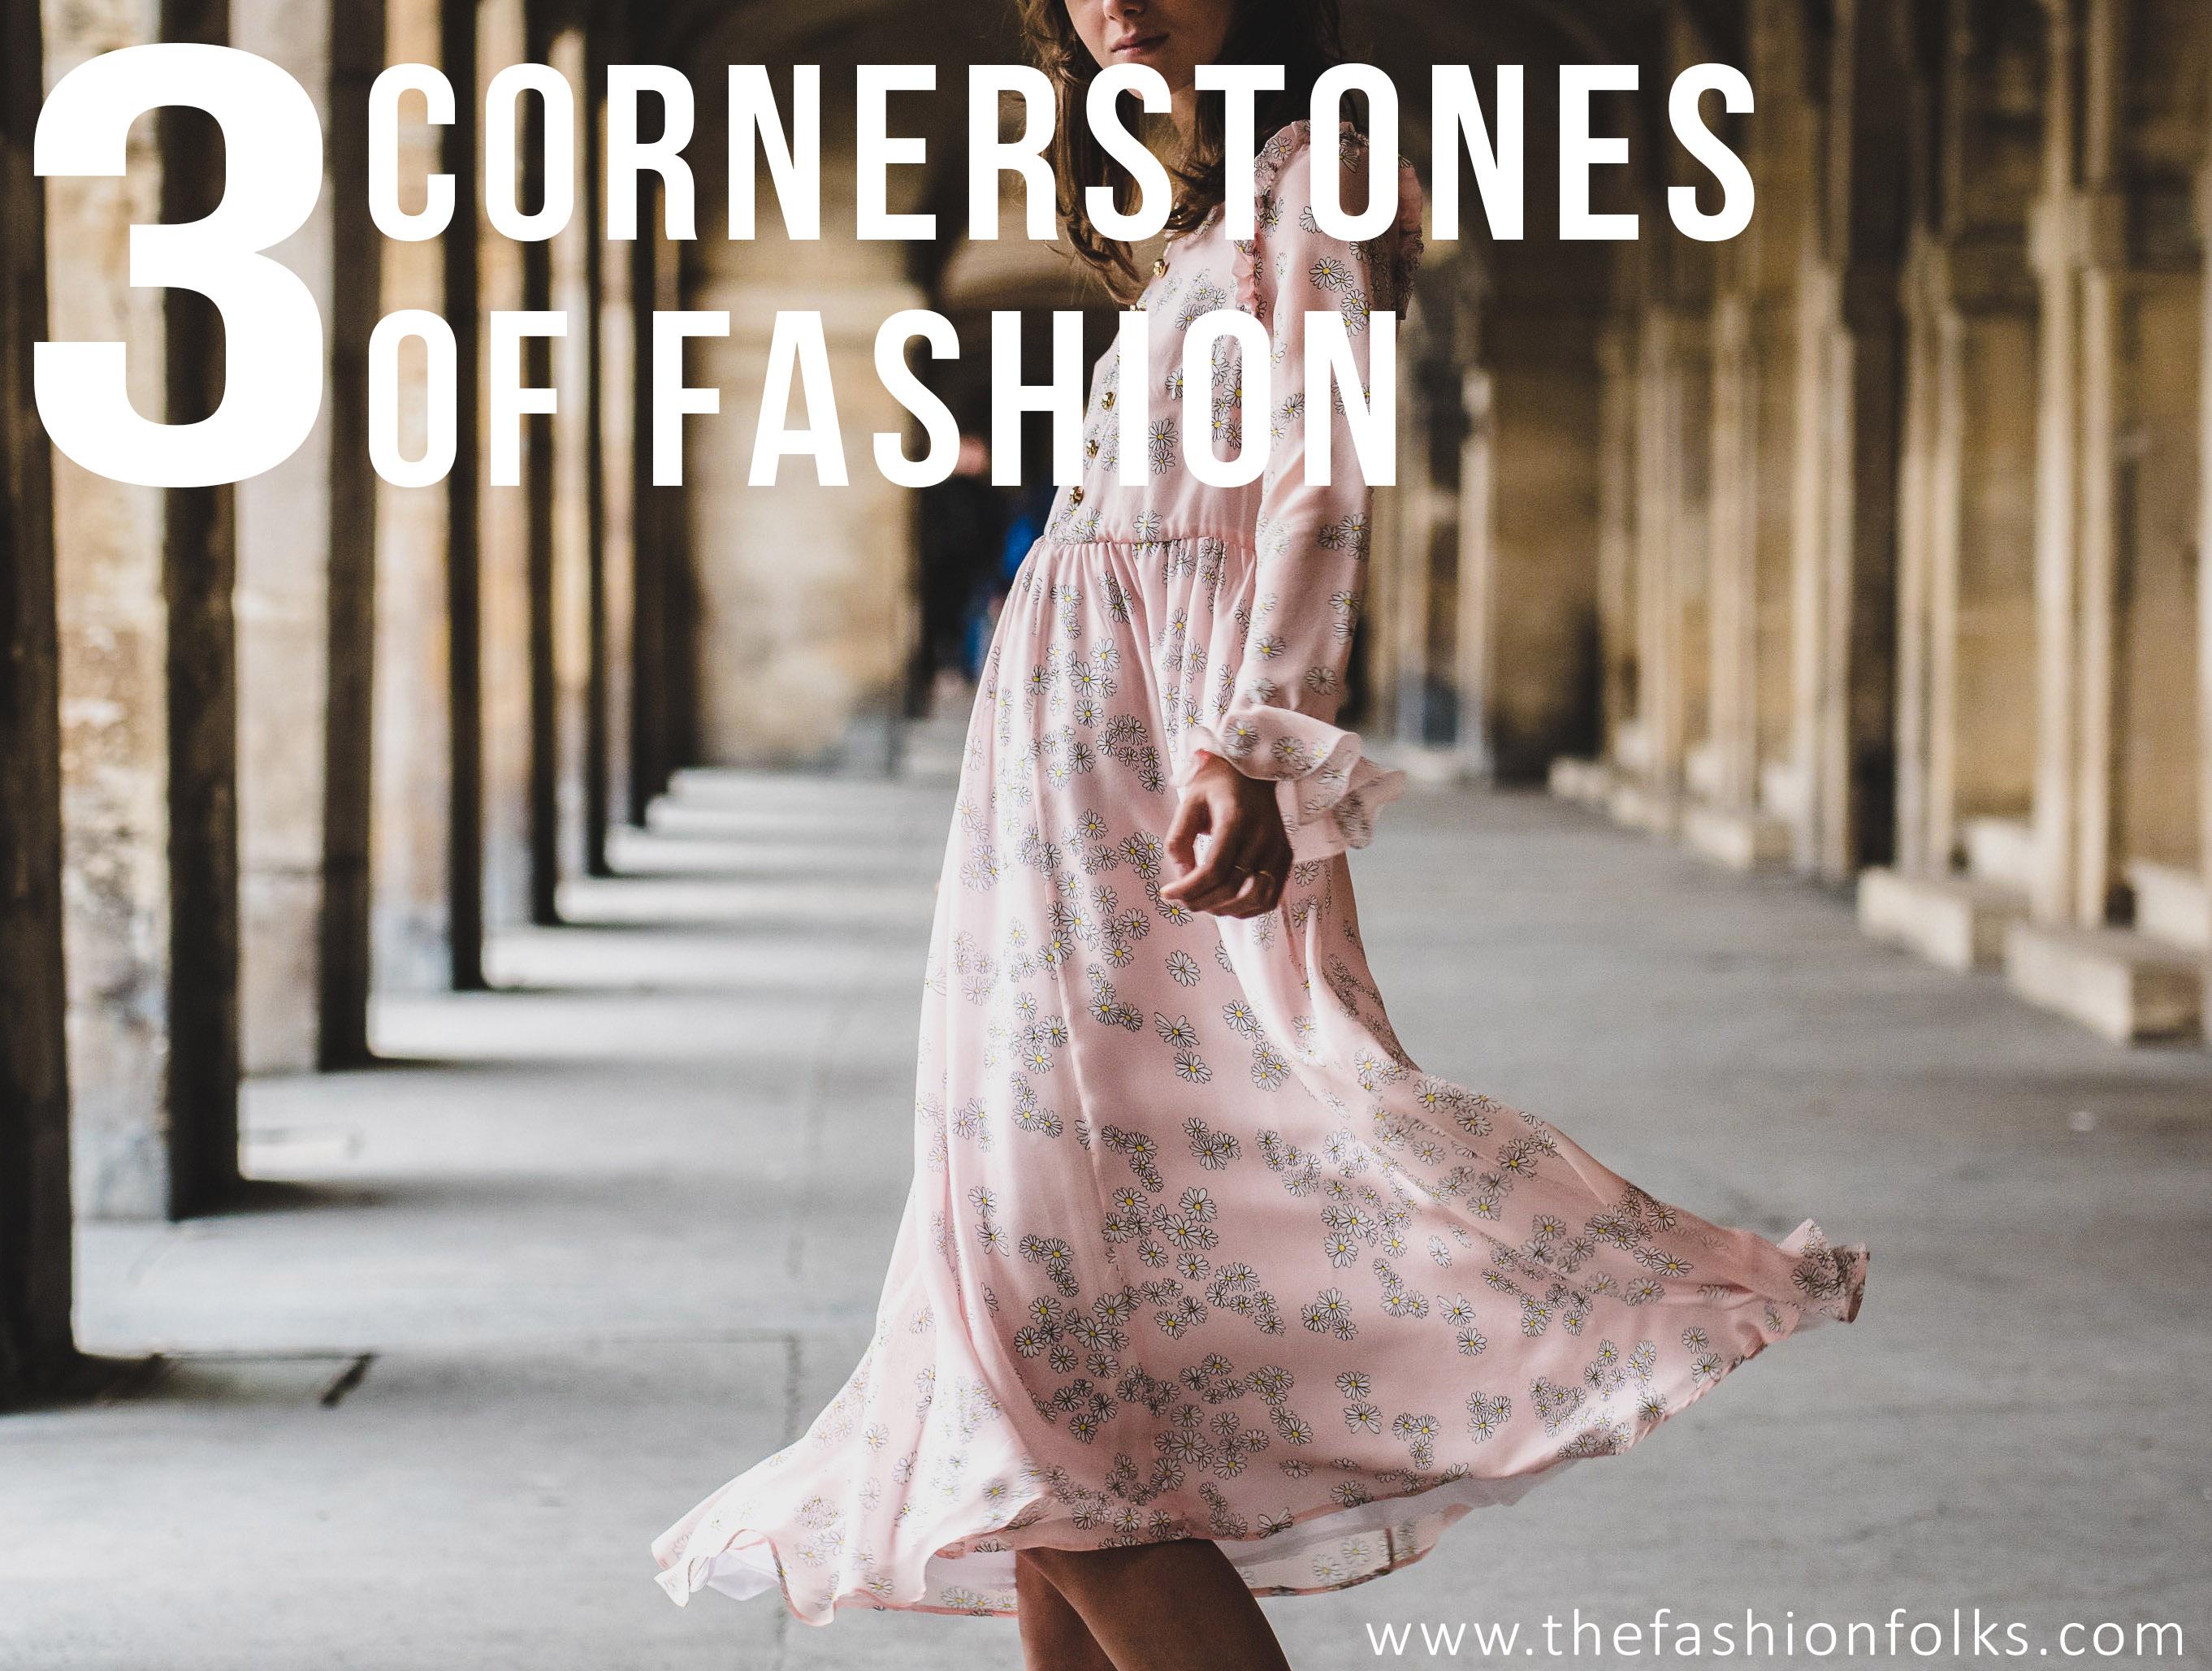 Three Cornerstons of Fashion | The Fashion Folks